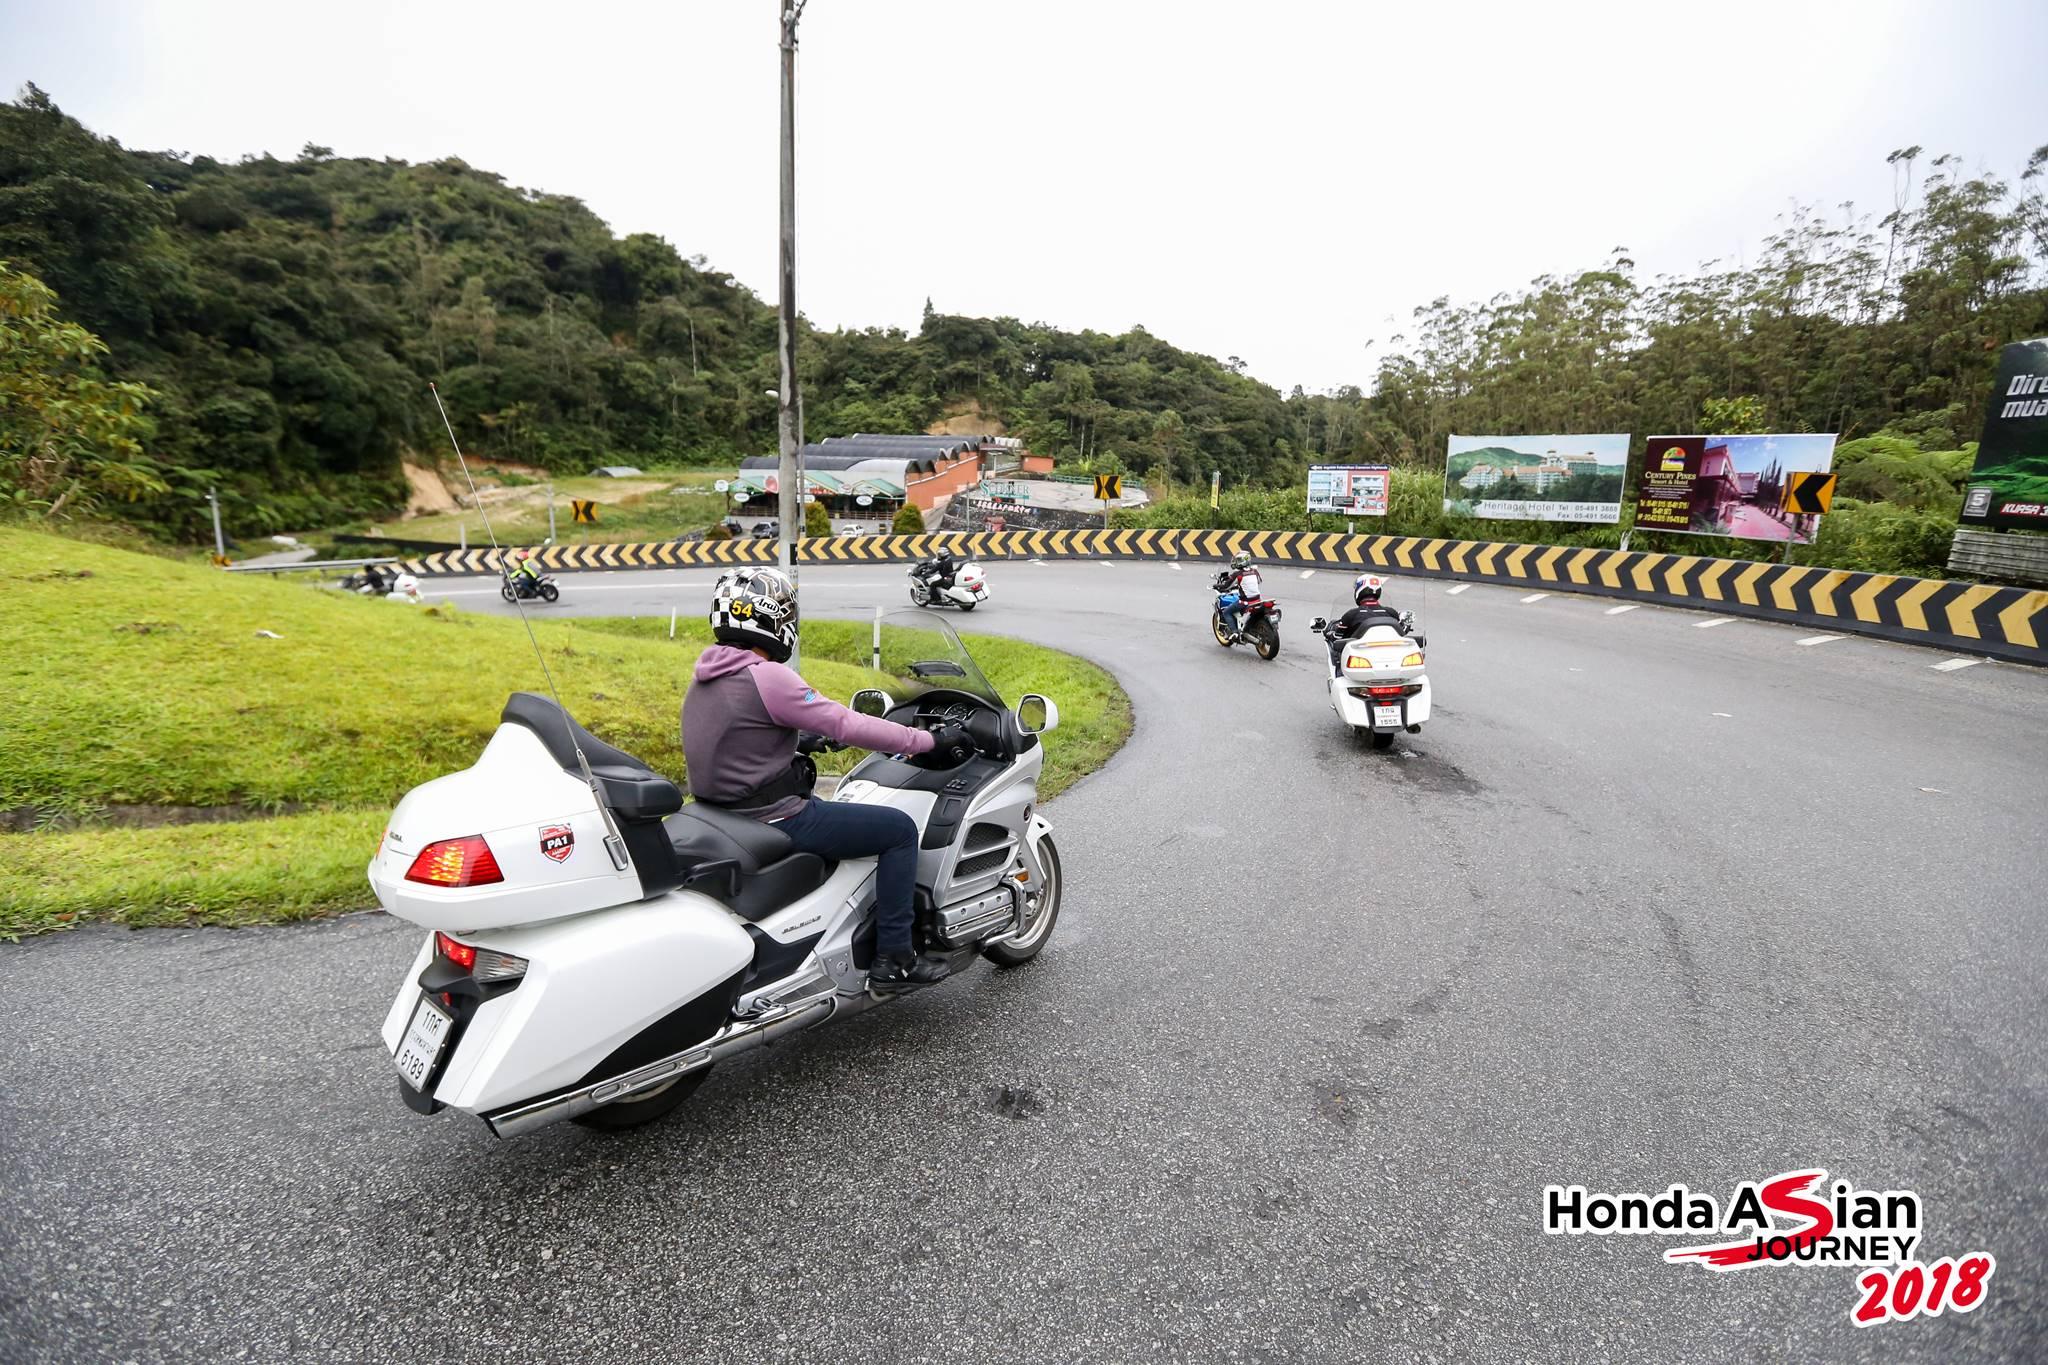 honda-asian-journey-2018-xe-tinhte-001-1.jpg